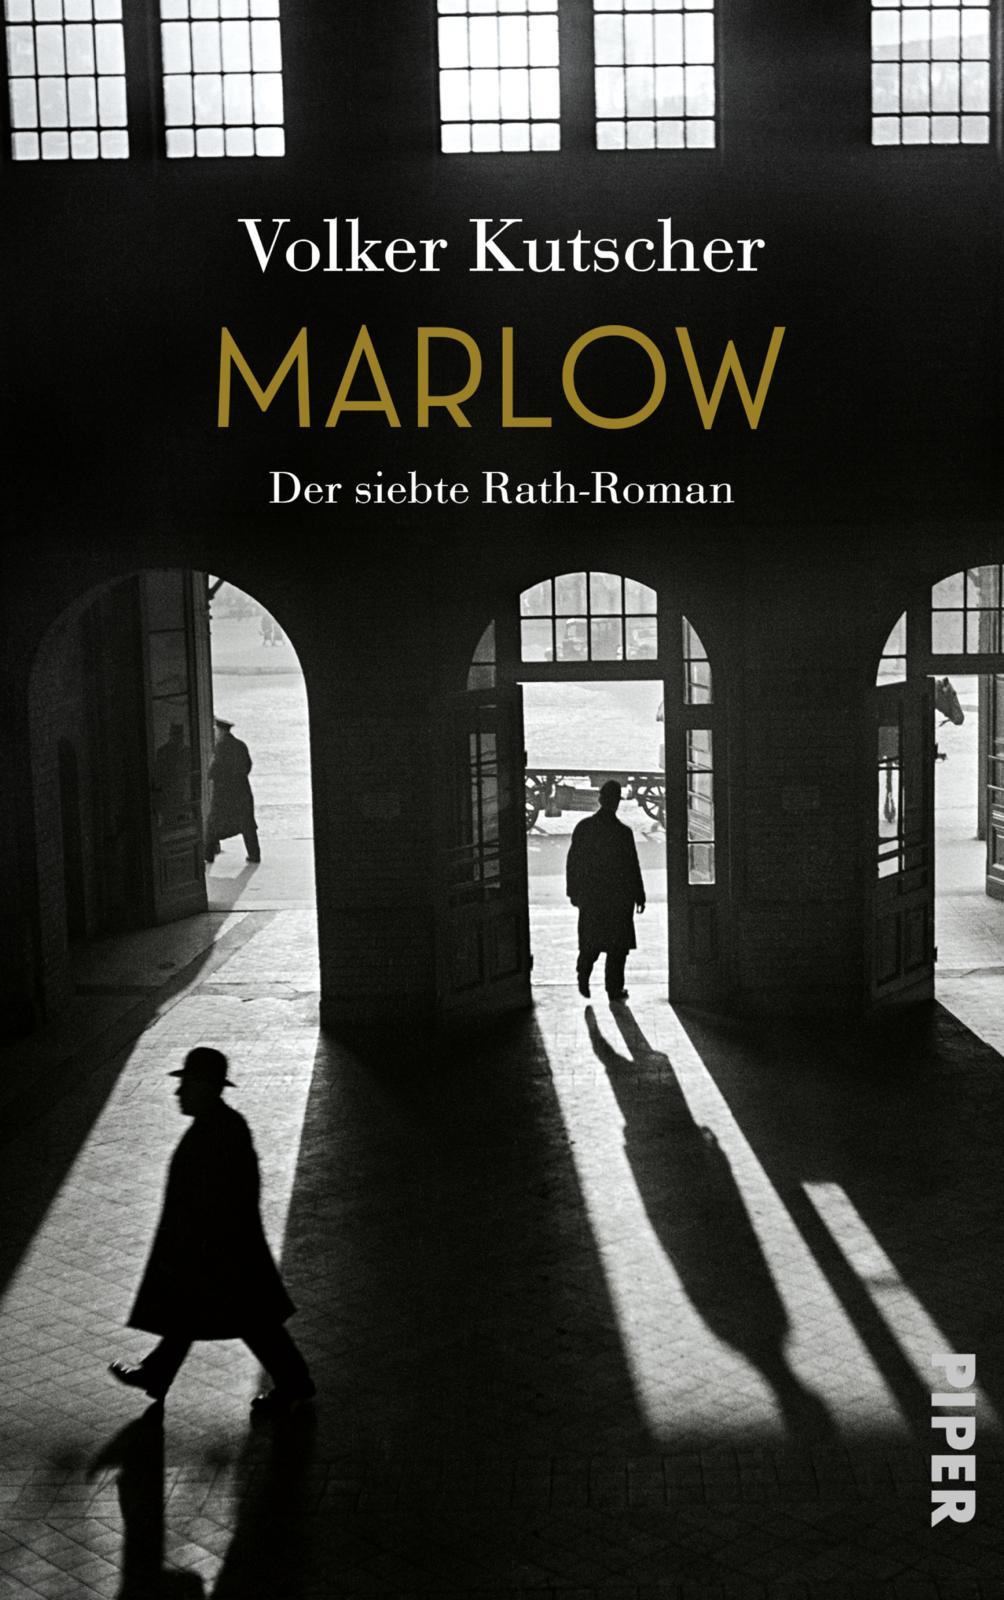 Volker Kutscher Marlow Buecherherbst Buecherblog